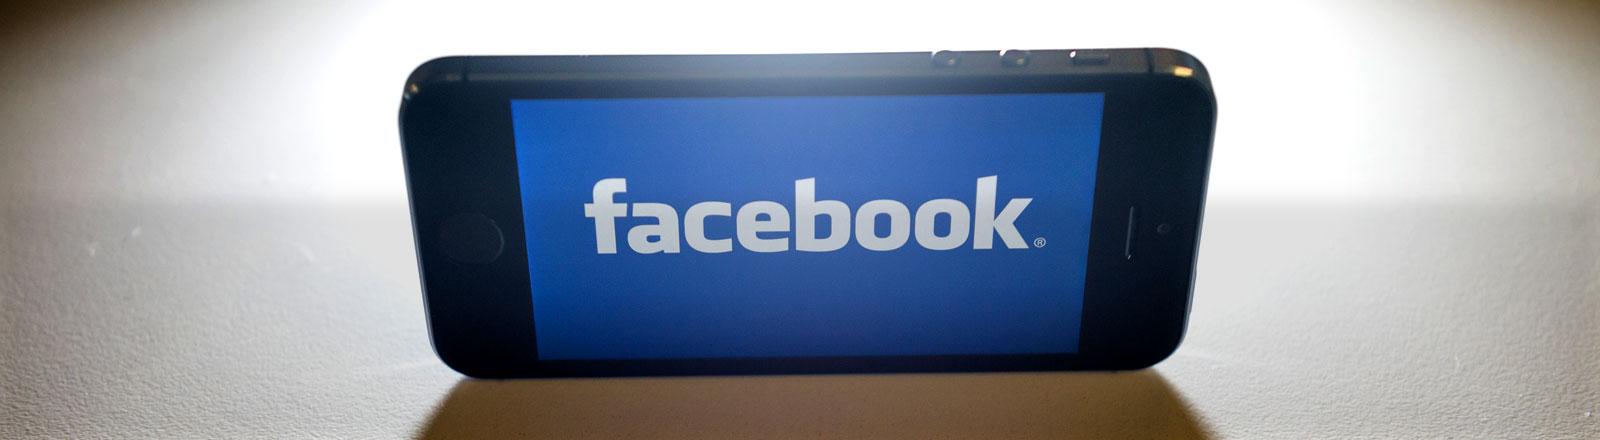 Das Facebook-Logo auf einem Smartphone.